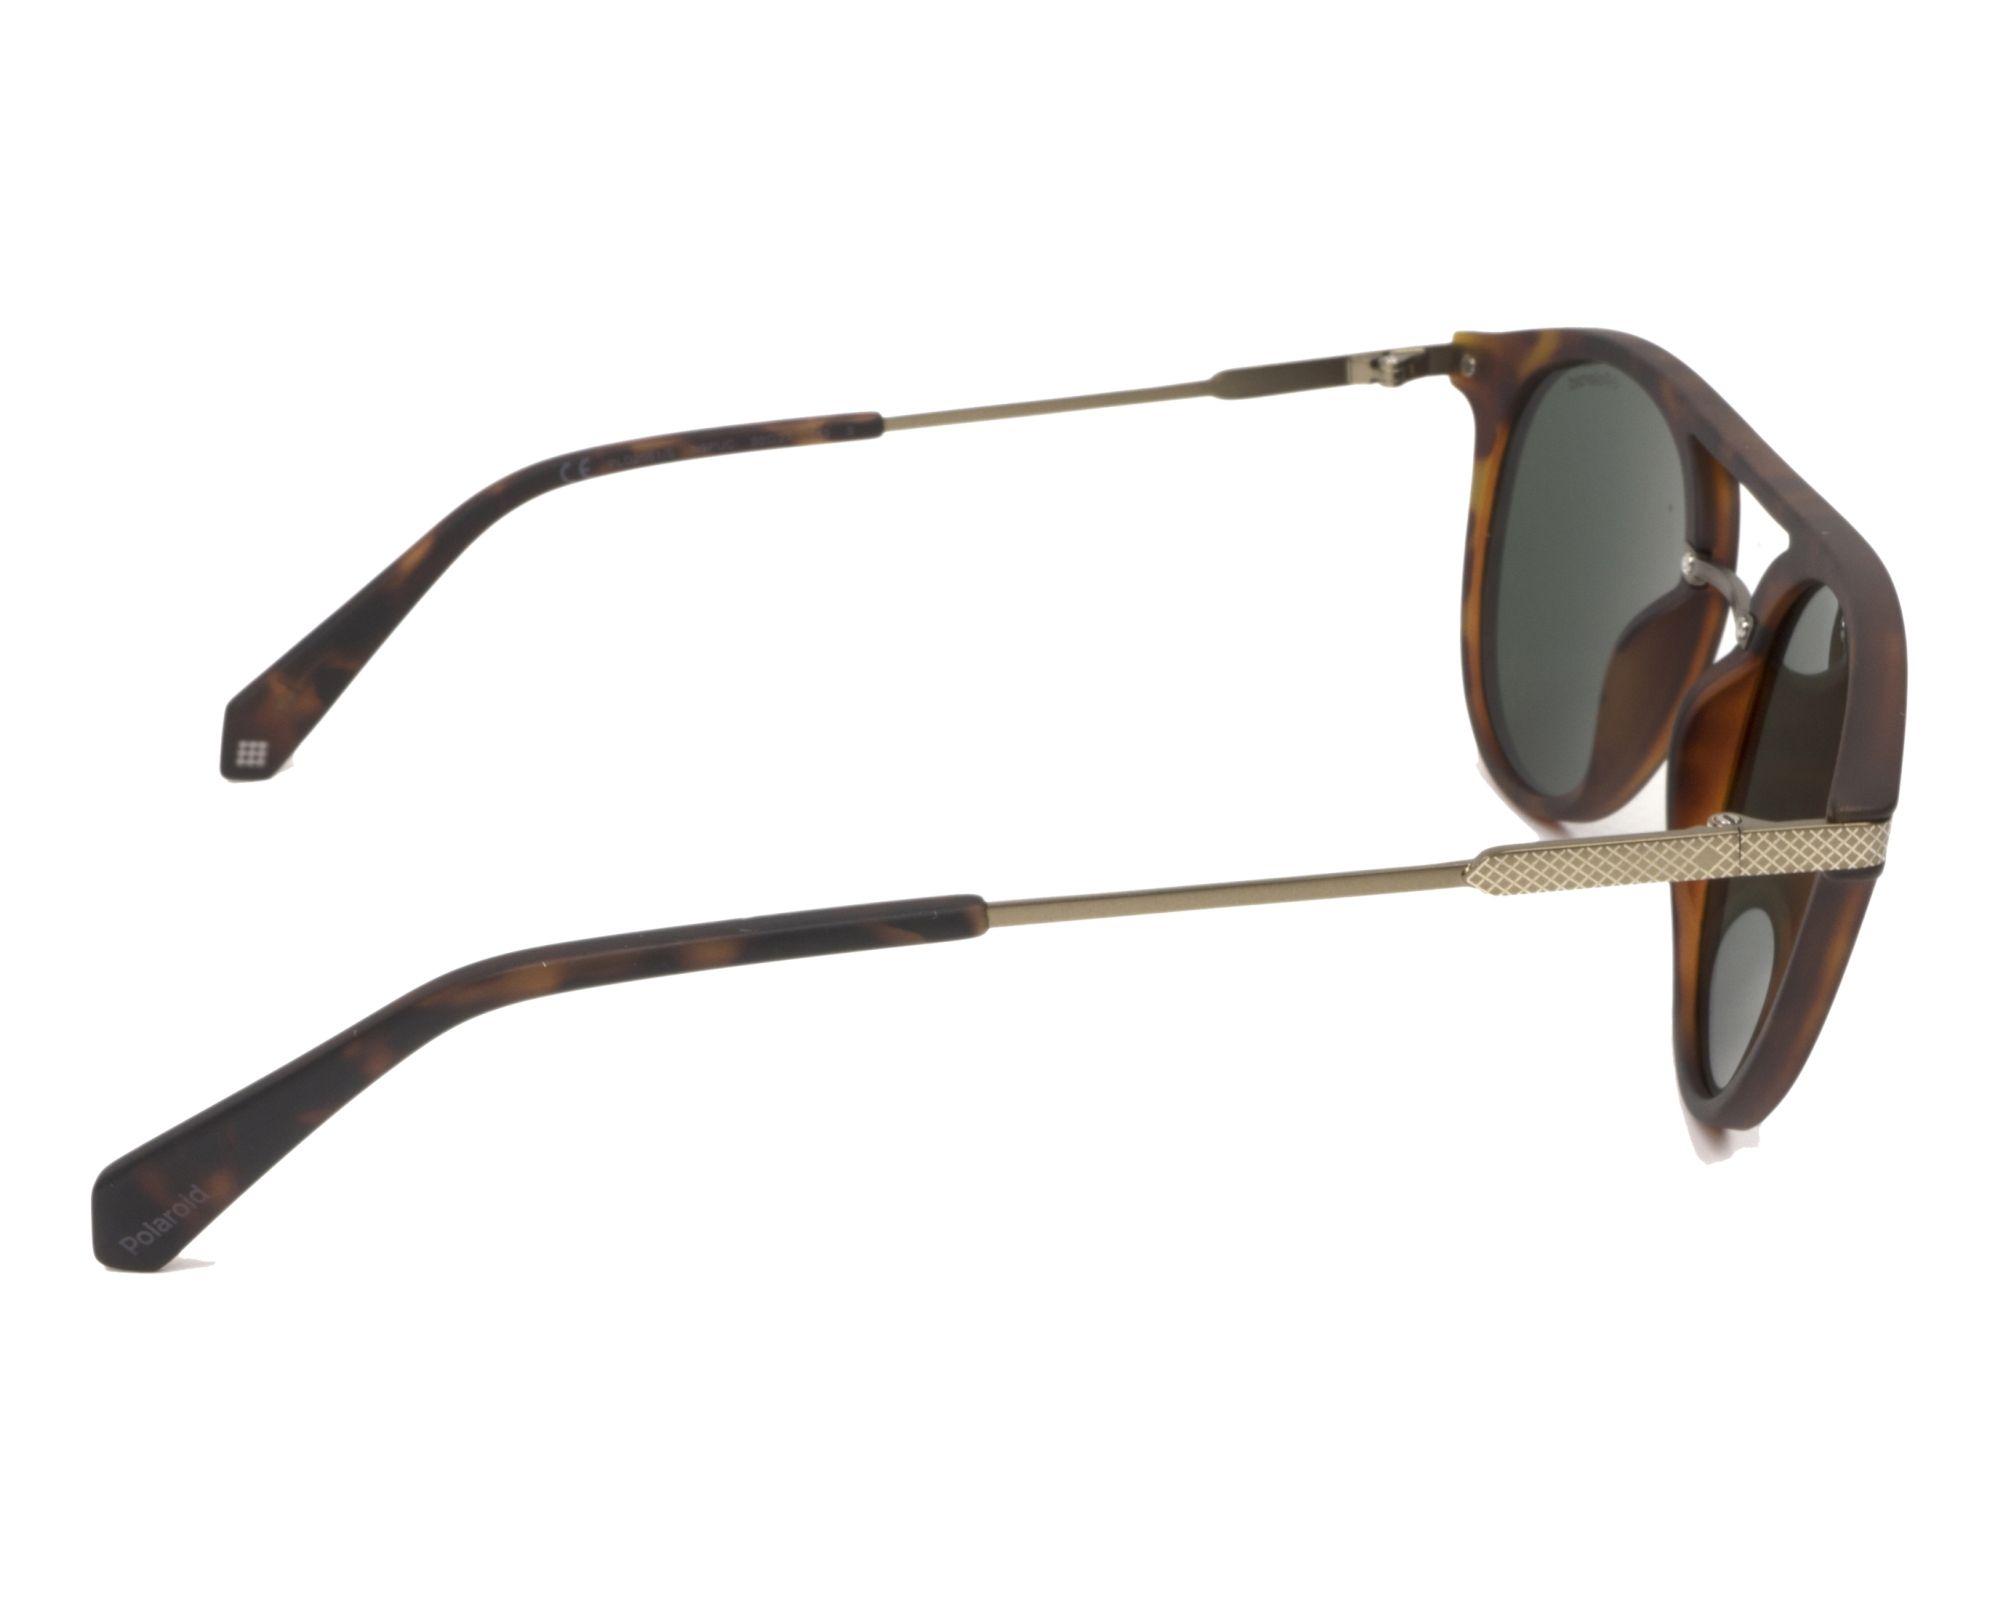 0cff2d3ae2895 Gafas de sol Polaroid PLD-2061-S N9P UC 50-21 Havana